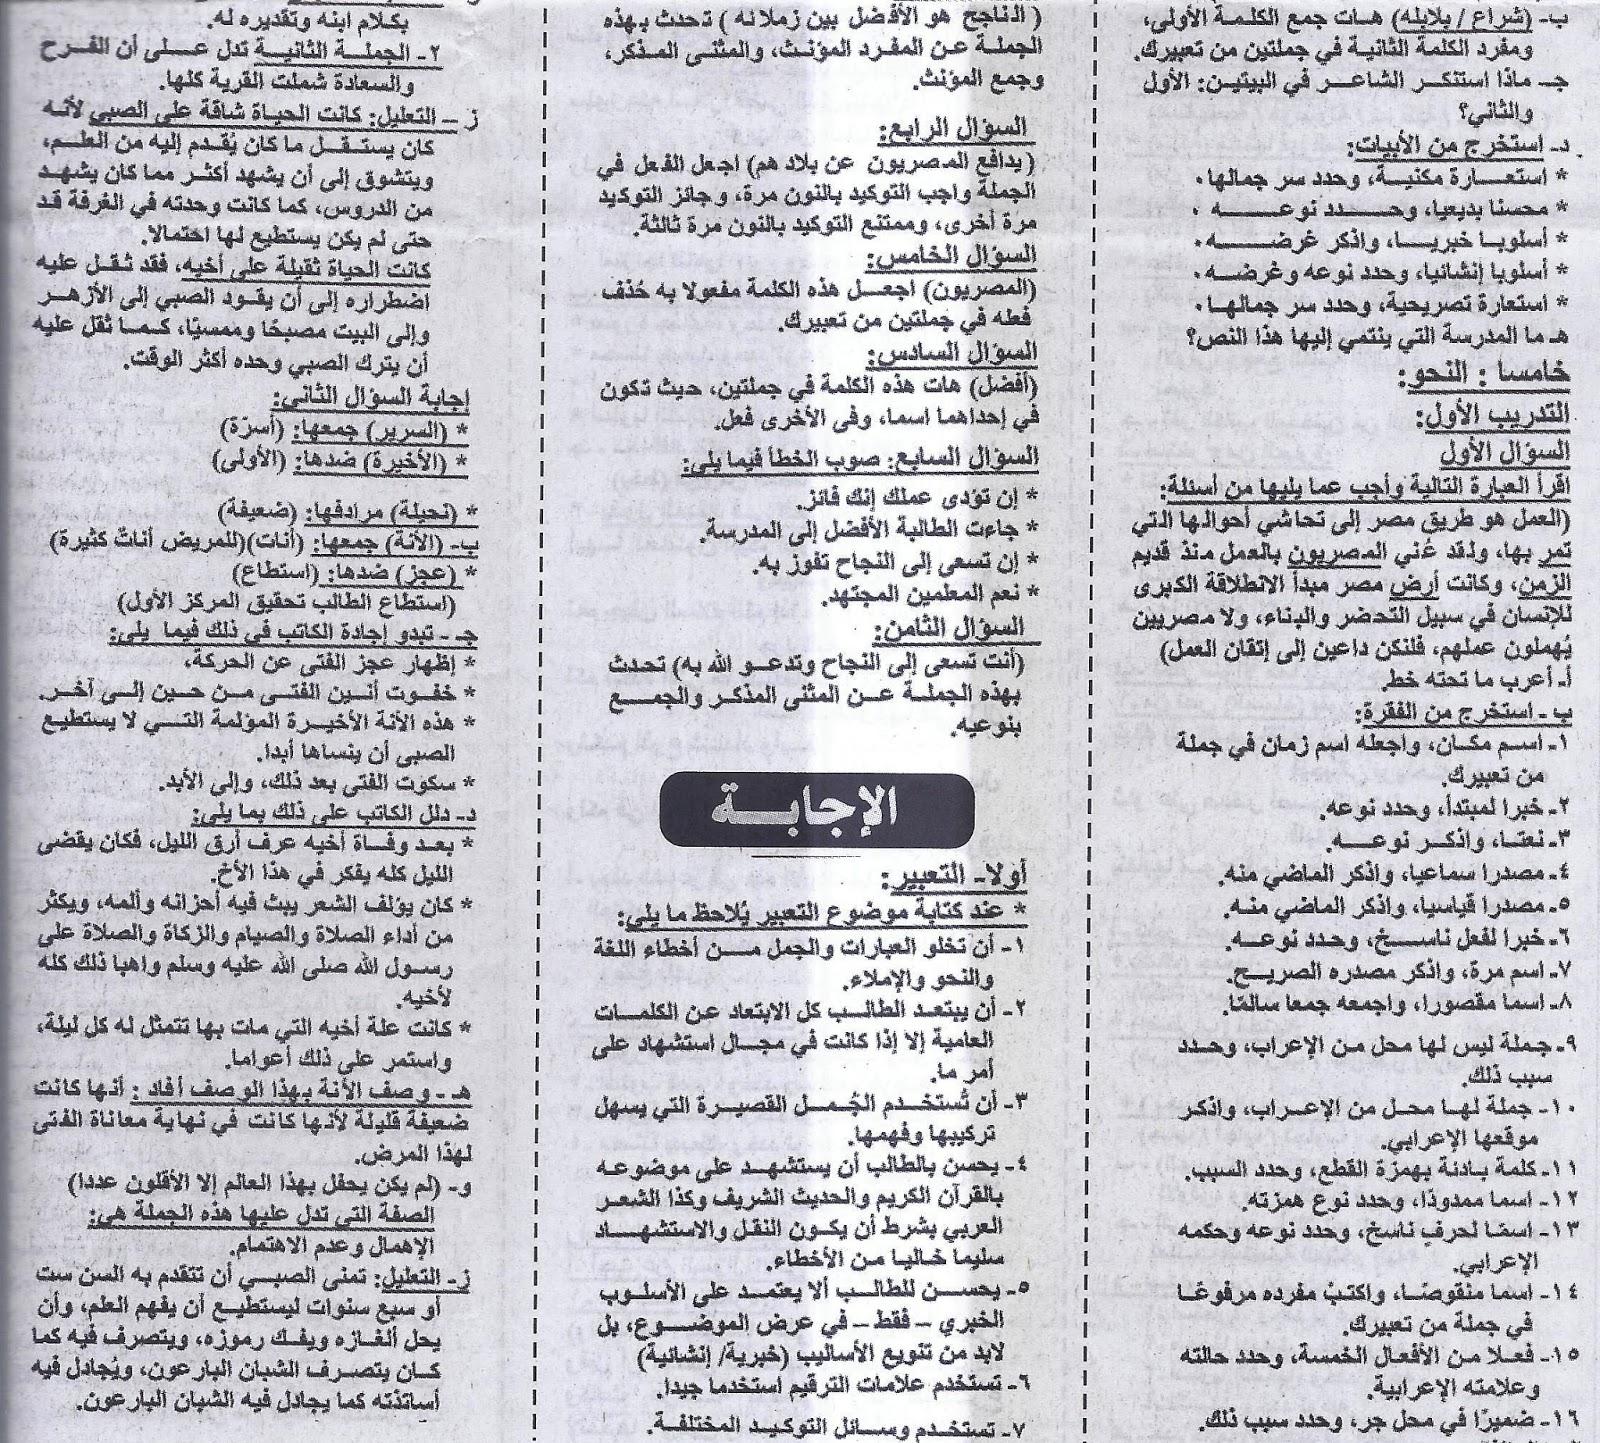 ملحق الجمهورية .. ينشر المراجعة الاخيرة لغة عربية للثانوية العامة 2016 13